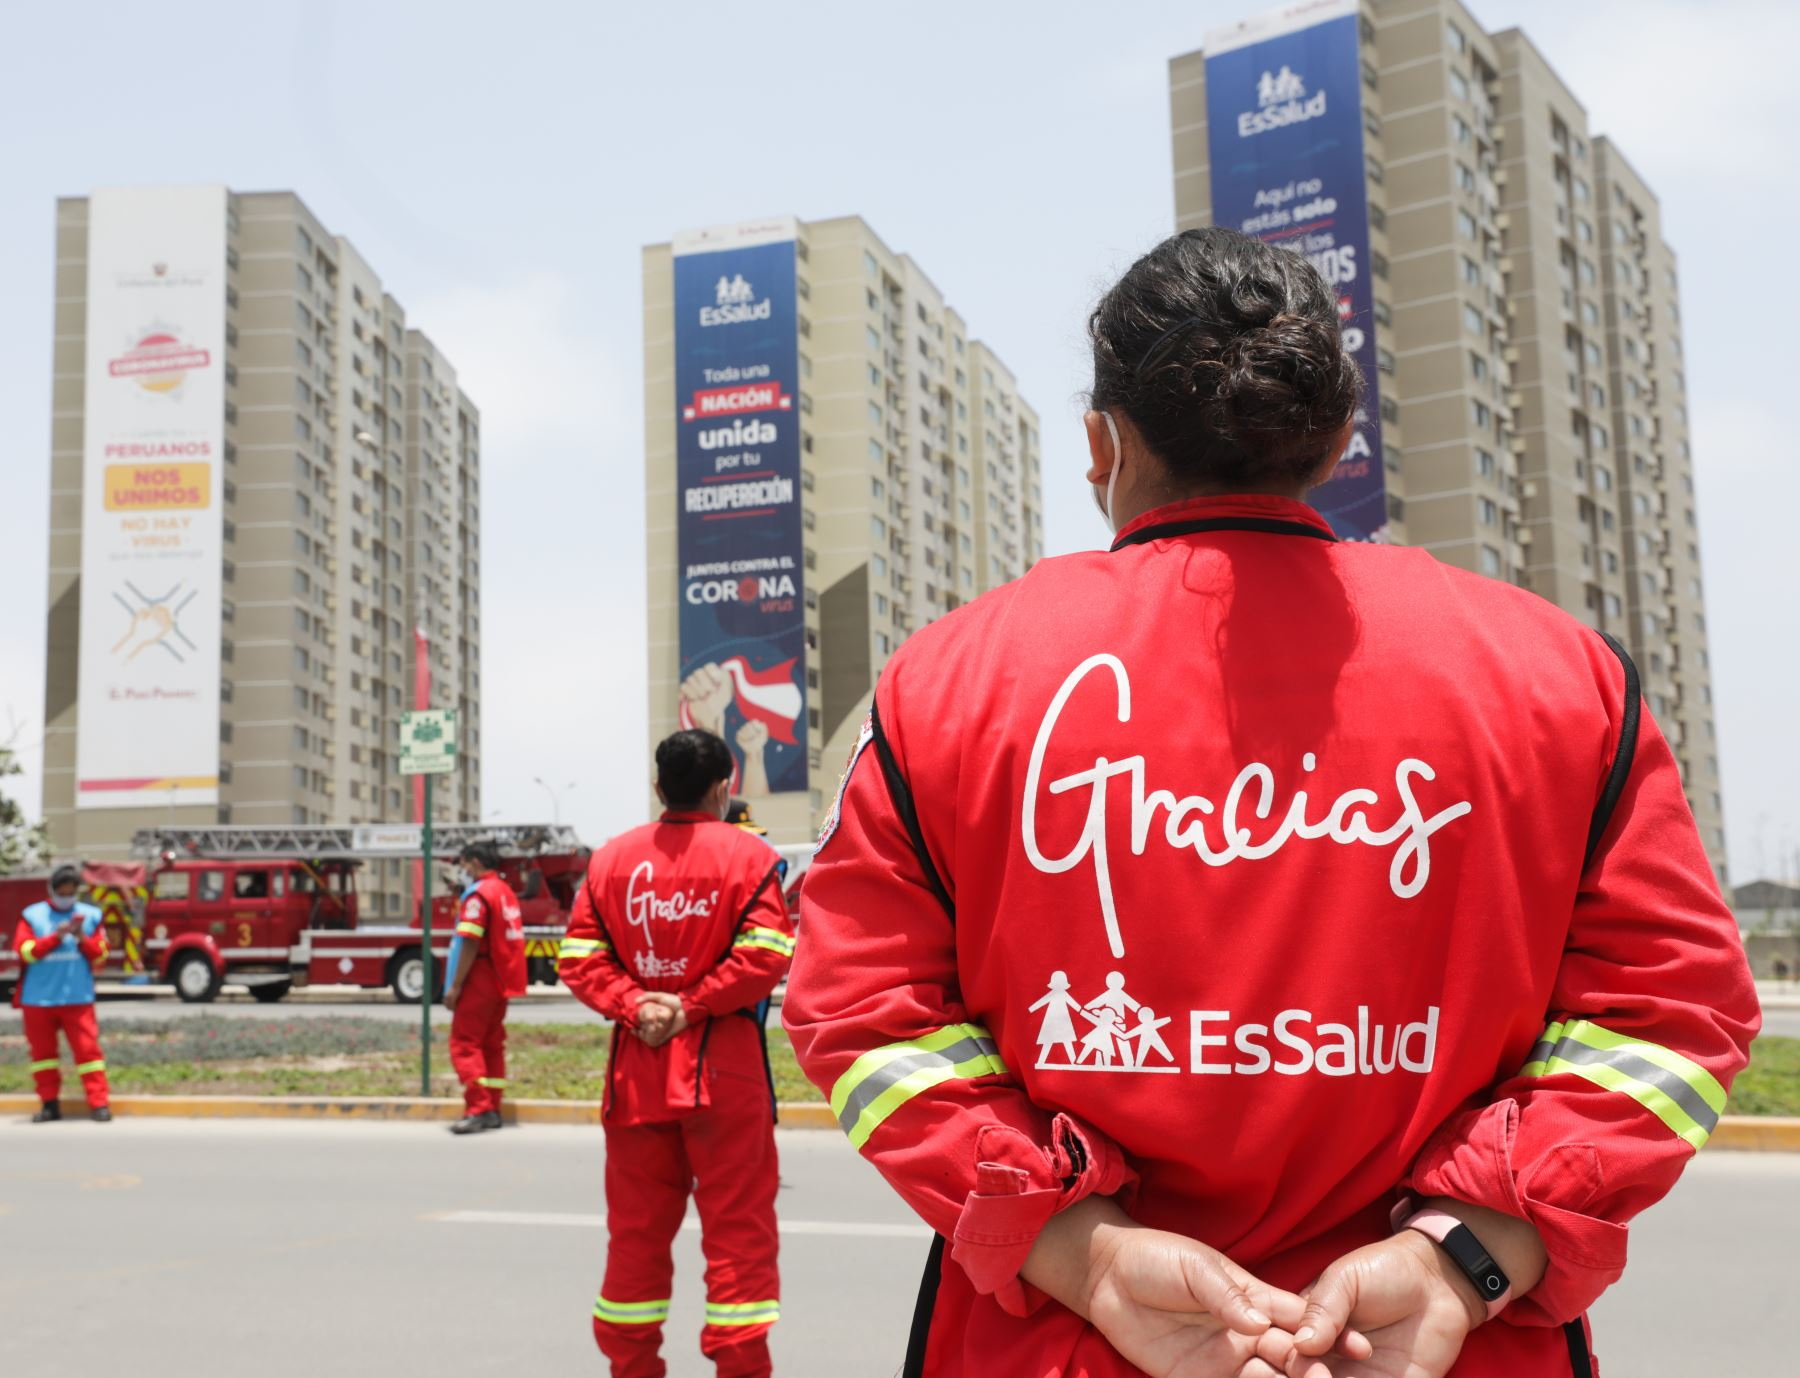 Médicos de EsSalud y bomberos también enviaron un mensaje de aliento a la selección peruana en el partido contra Paraguay. ANDINA/EsSalud